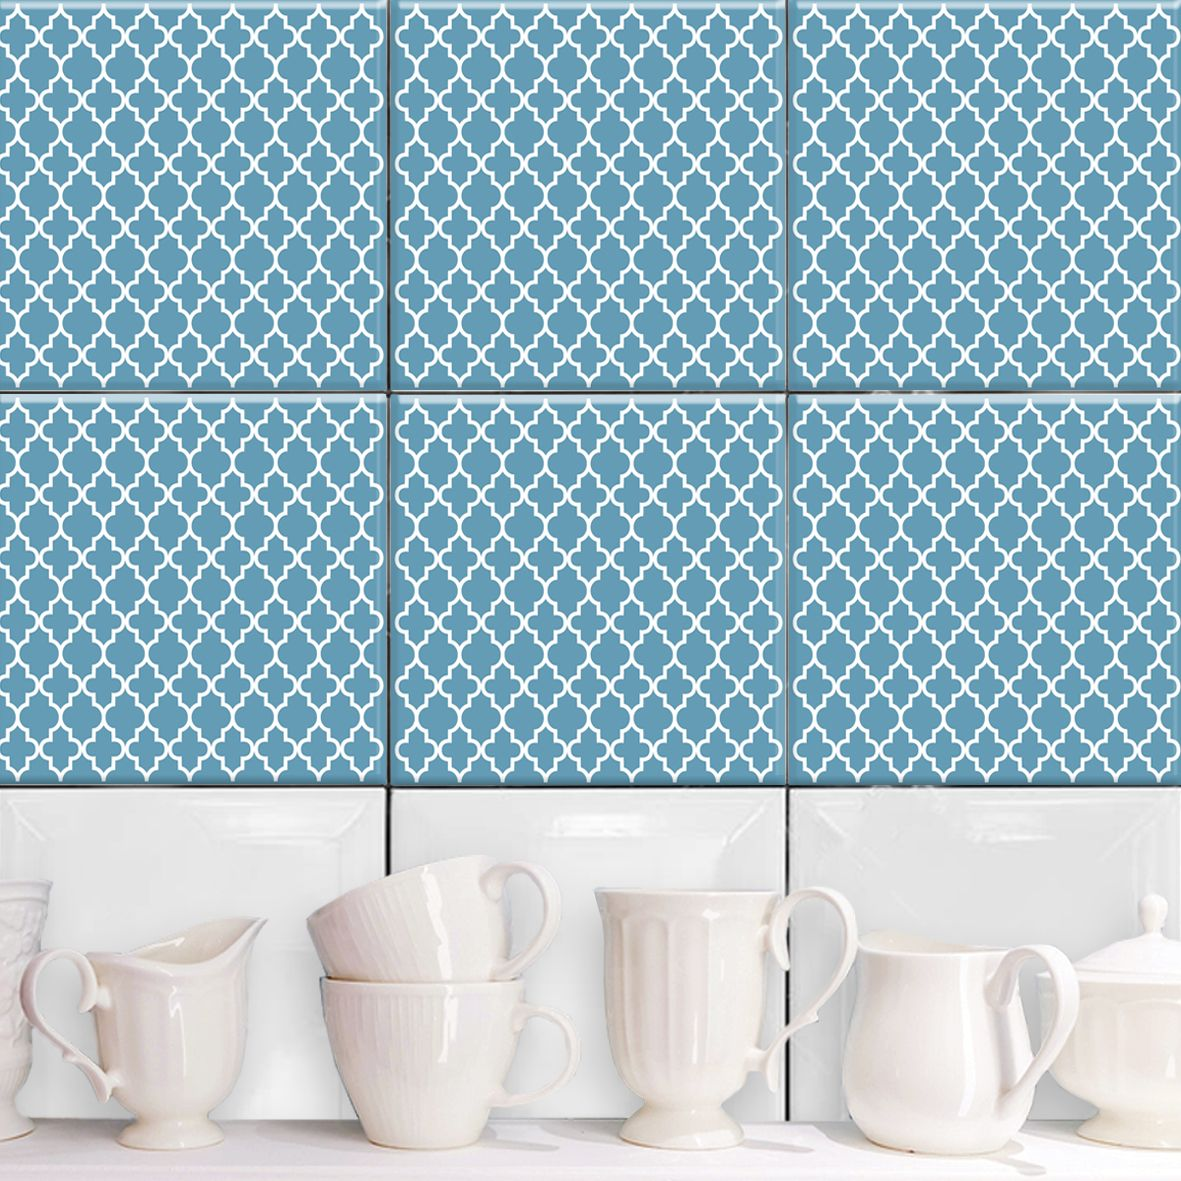 Marrakesh Blau - Fliesenaufkleber Set